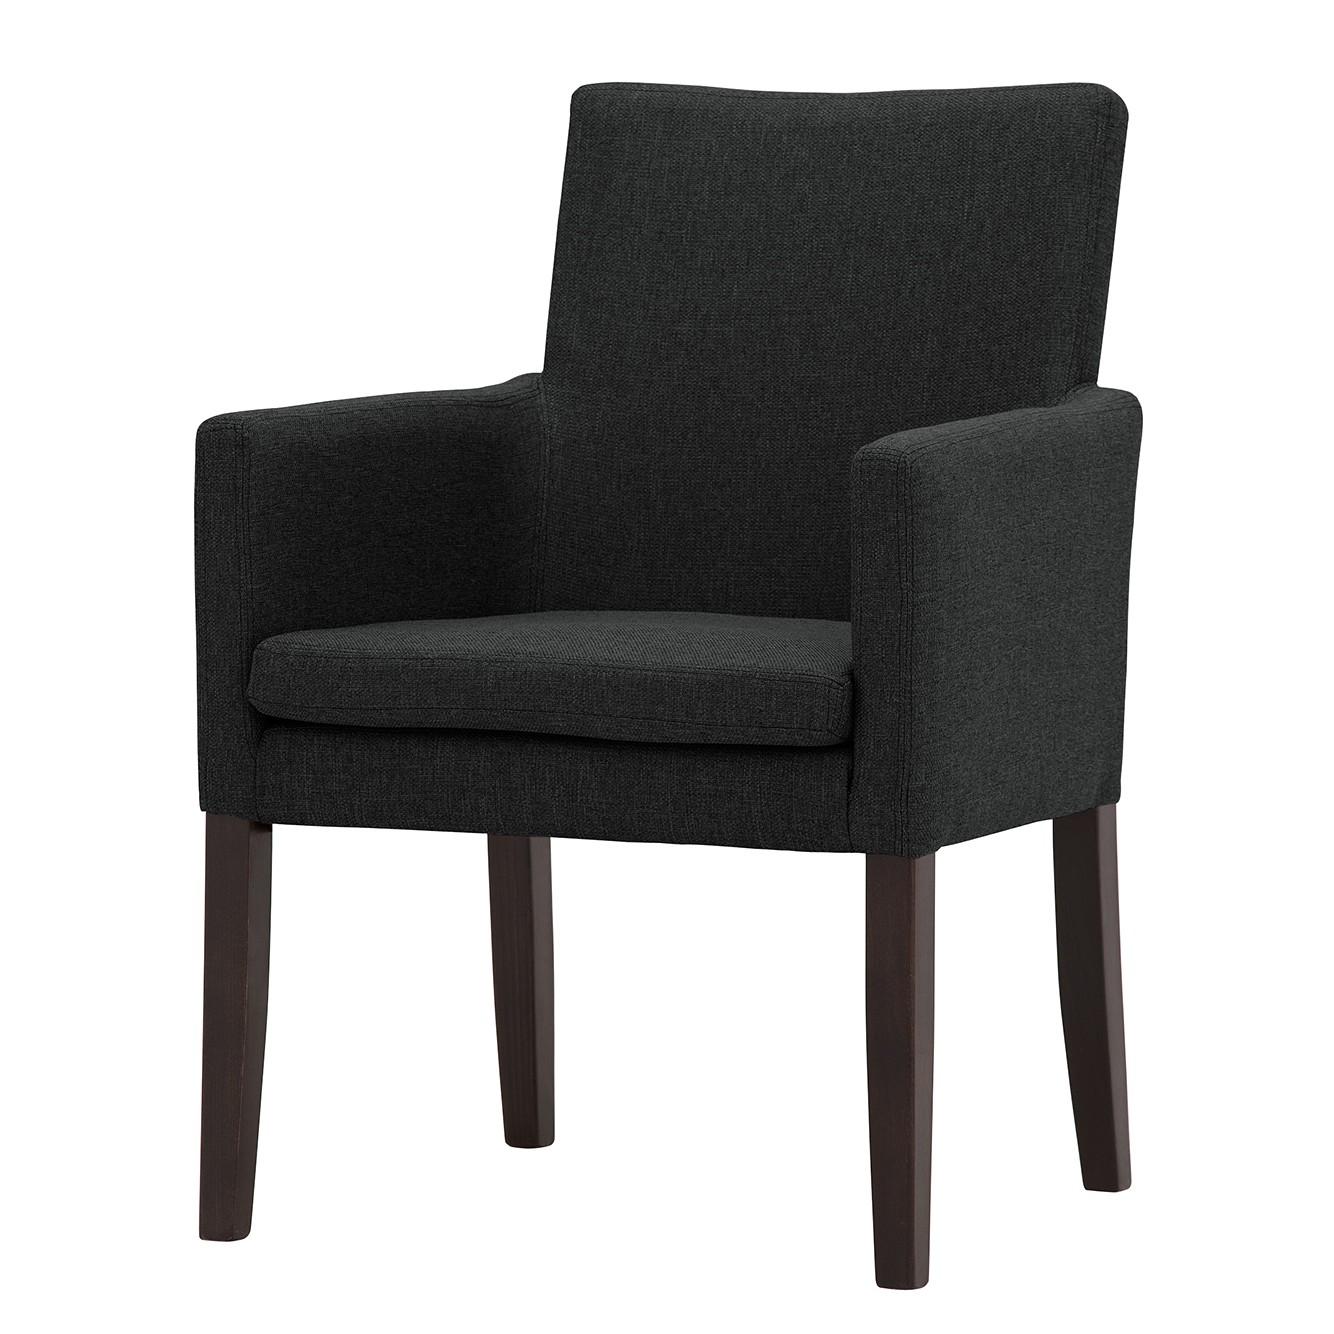 Armlehnenstuhl Katha - Webstoff - Buche Dunkel - Stoff Suria Anth bei Home24 - Möbel